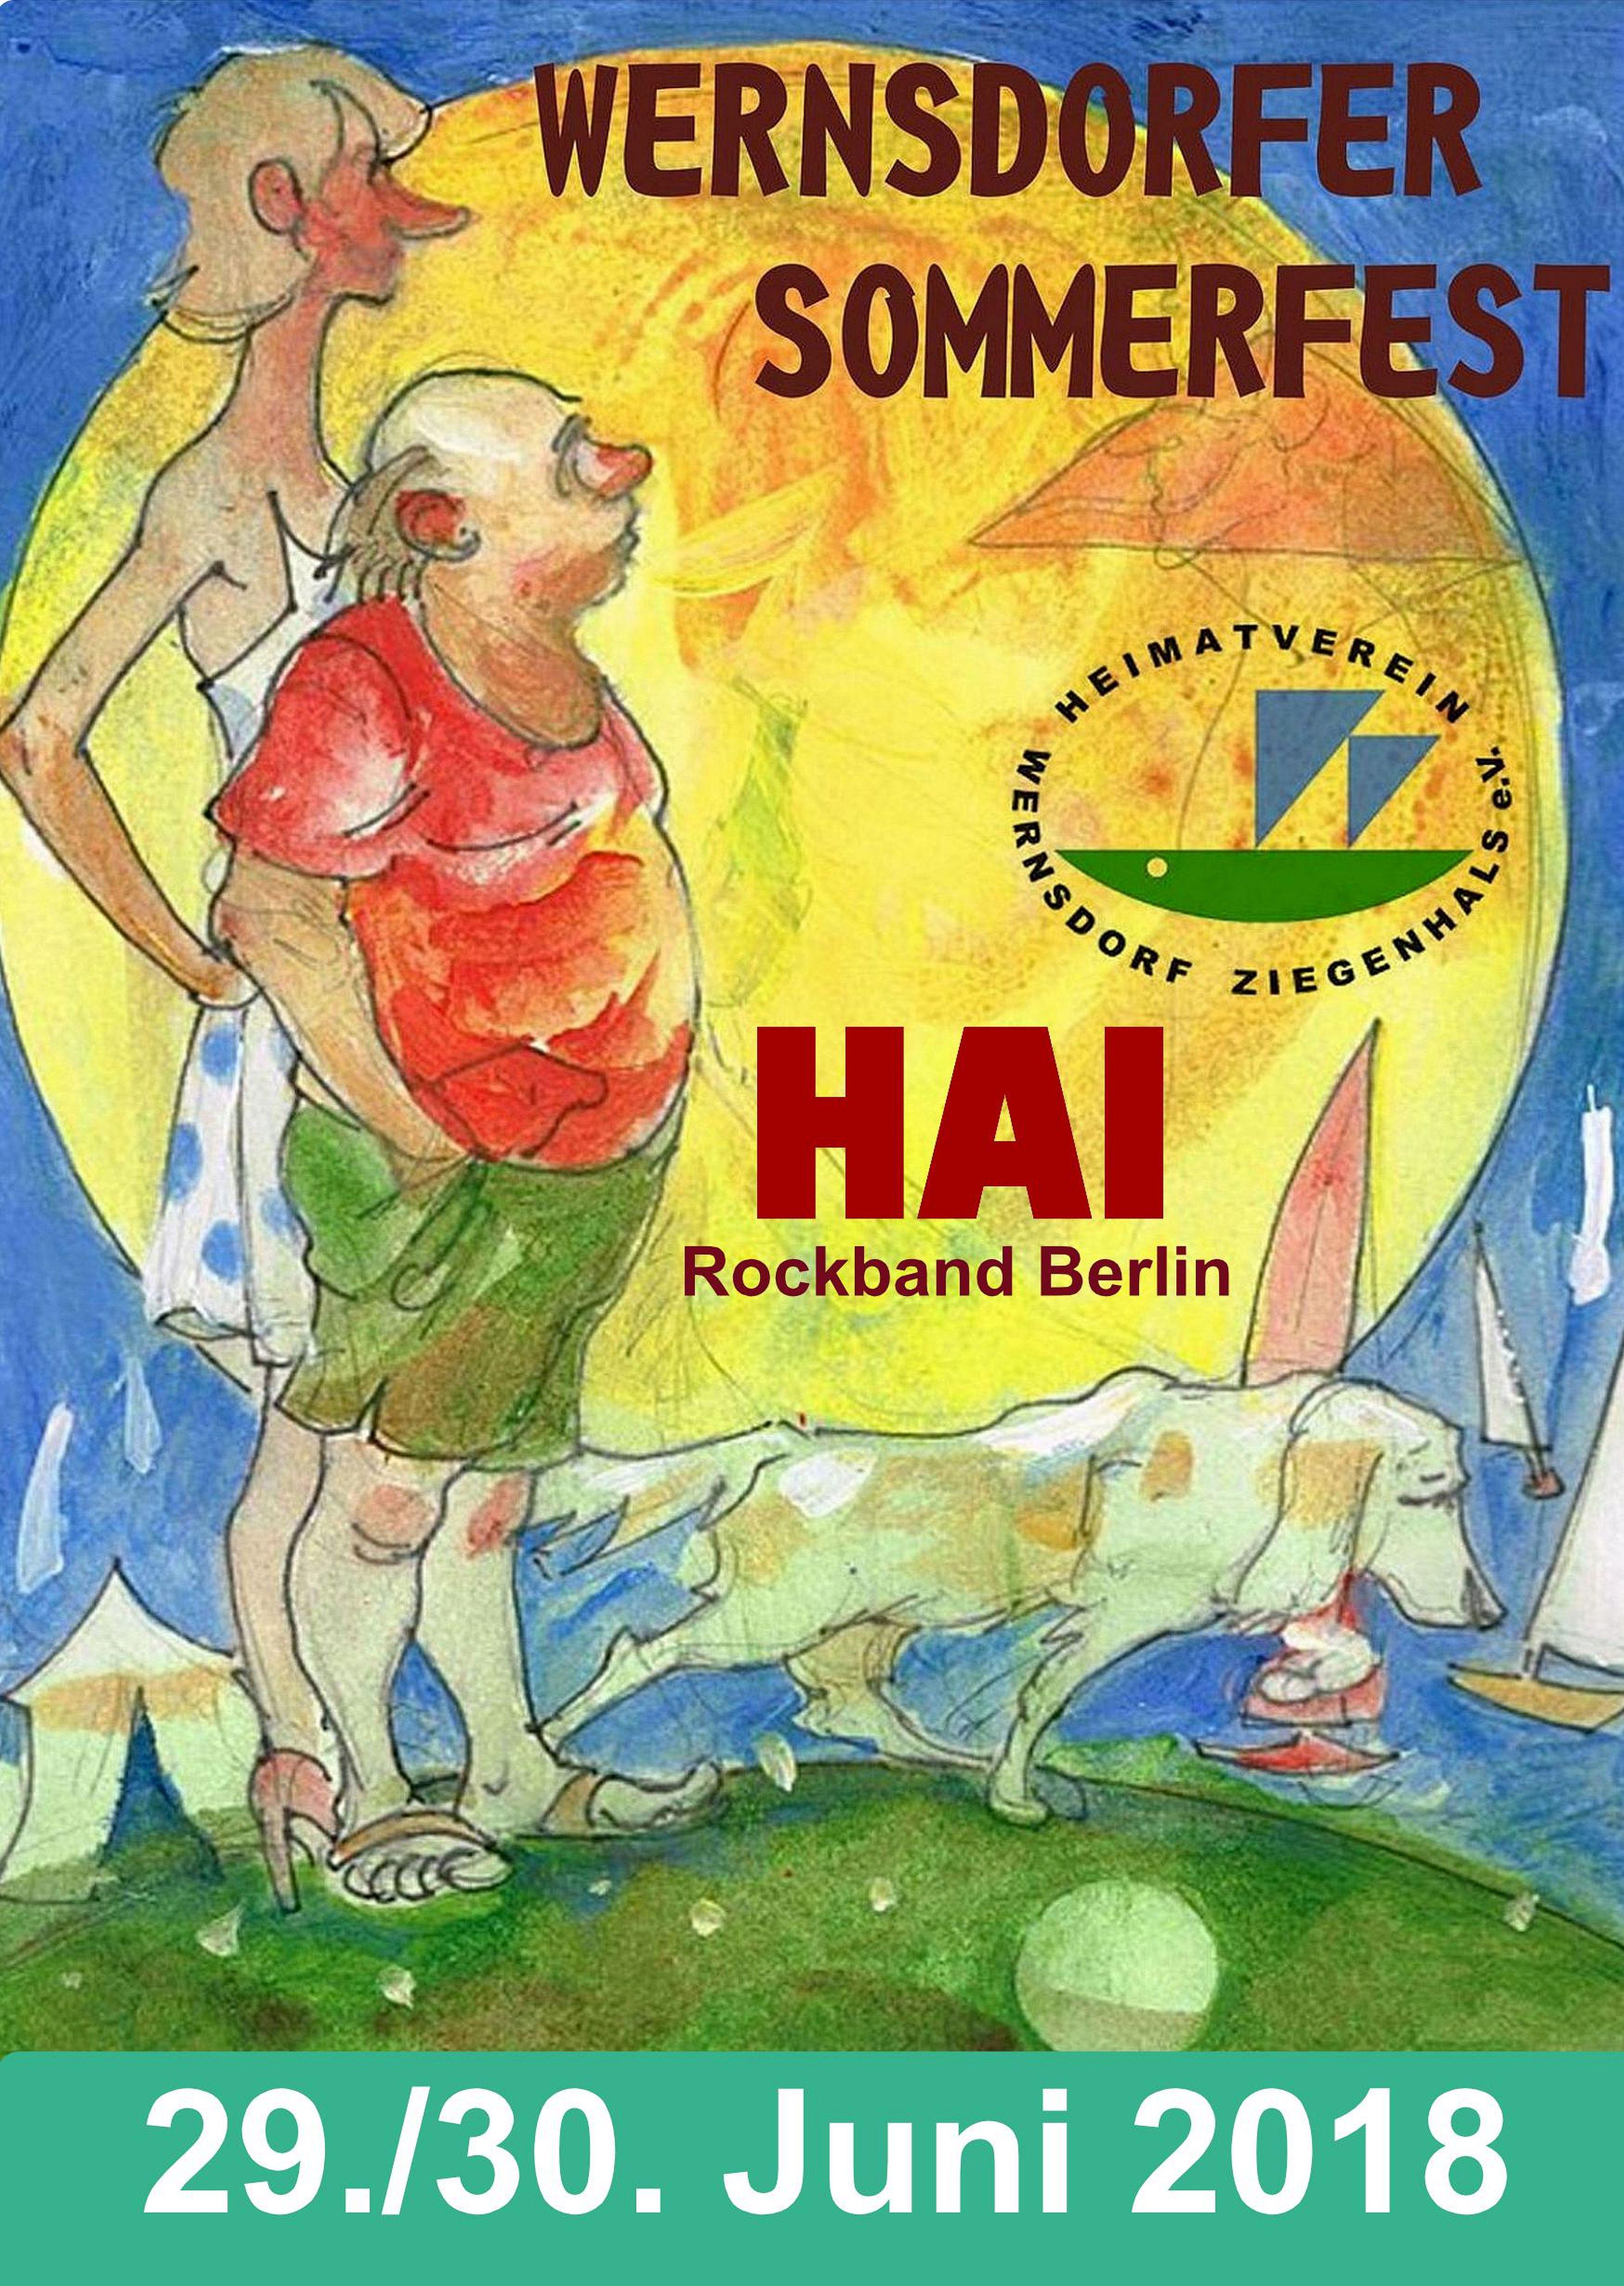 Wernsdorfer Sommerfest 2018